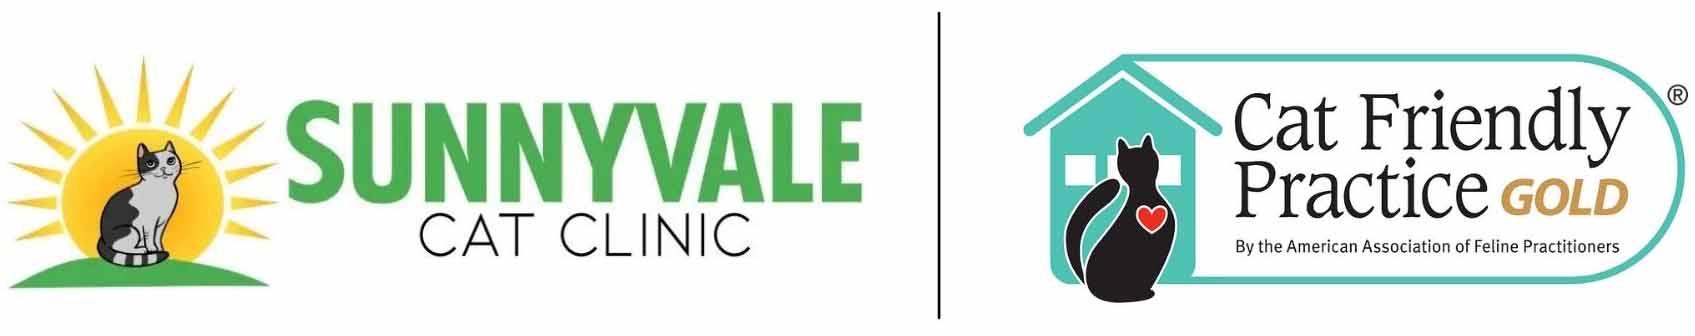 Sunnyvale Cat Clinic